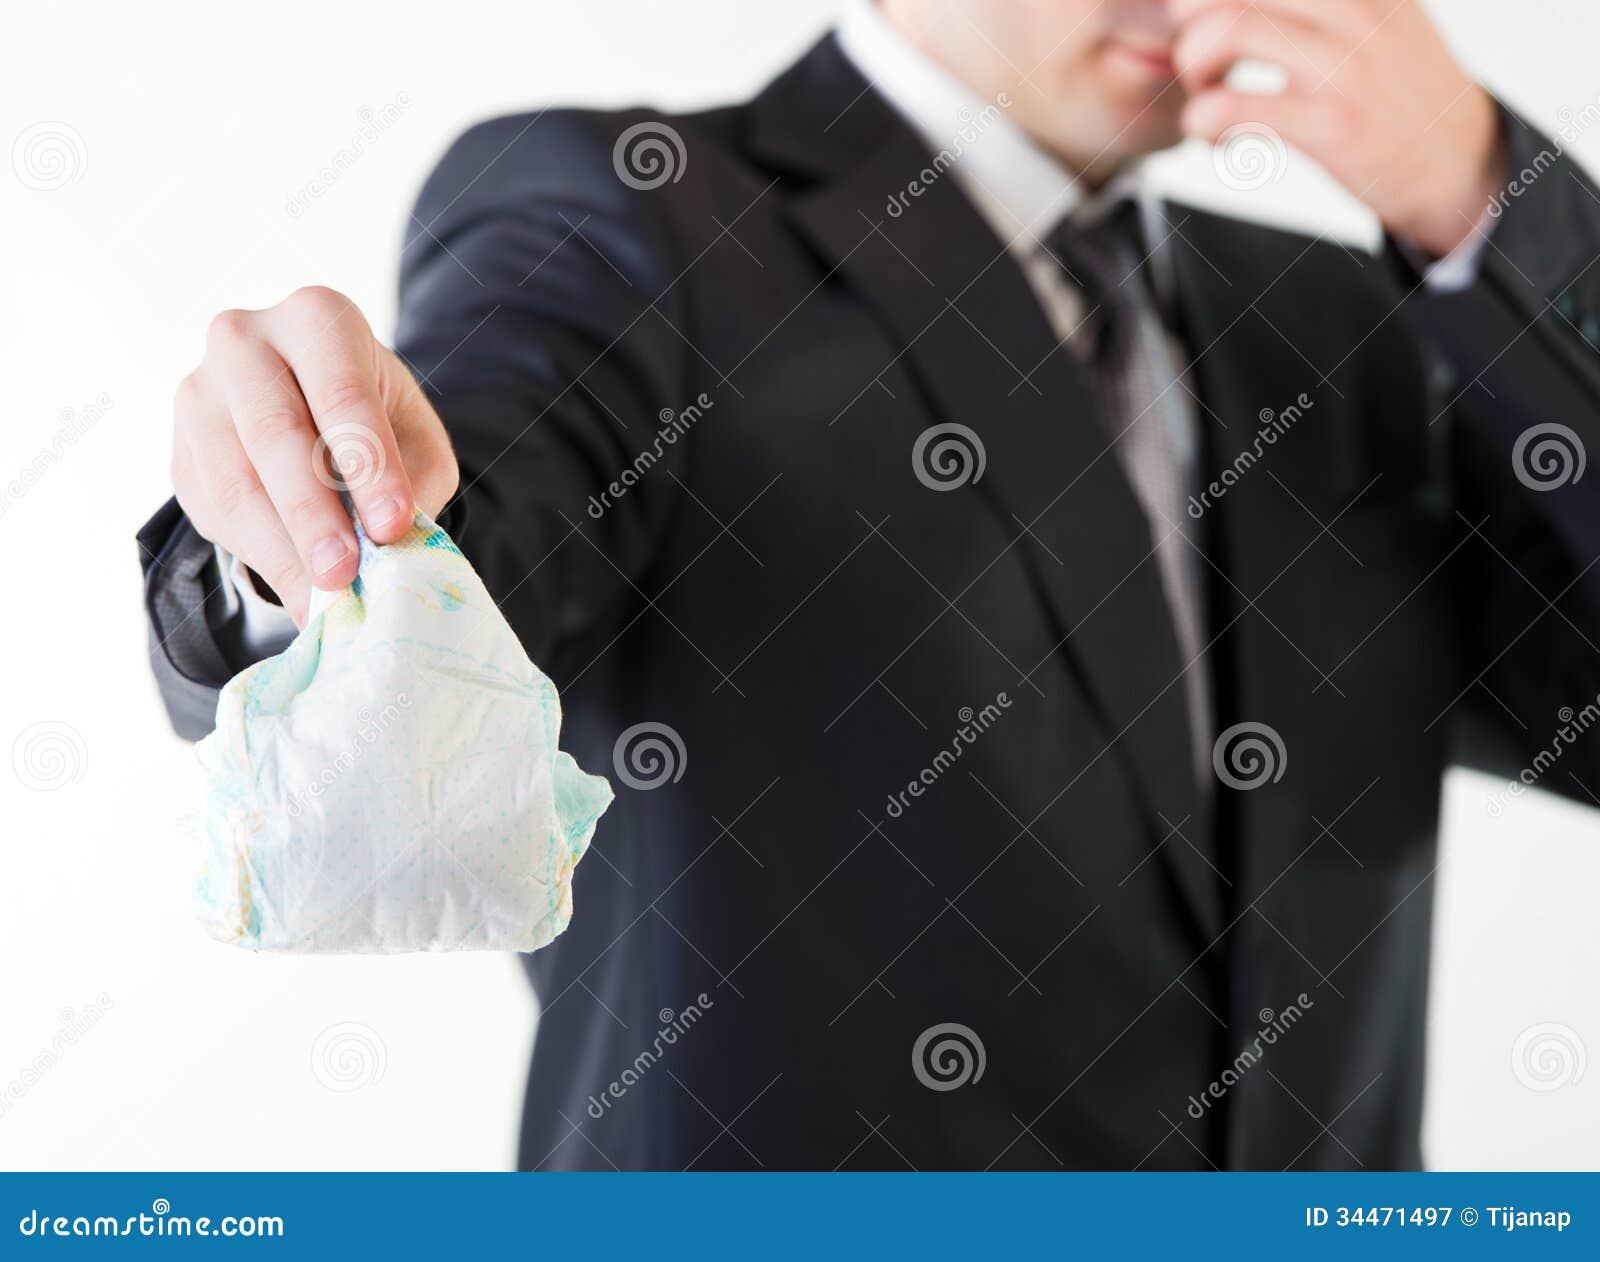 homme d 39 affaires tenant une couche culotte sale image stock image du culotte m le 34471497. Black Bedroom Furniture Sets. Home Design Ideas